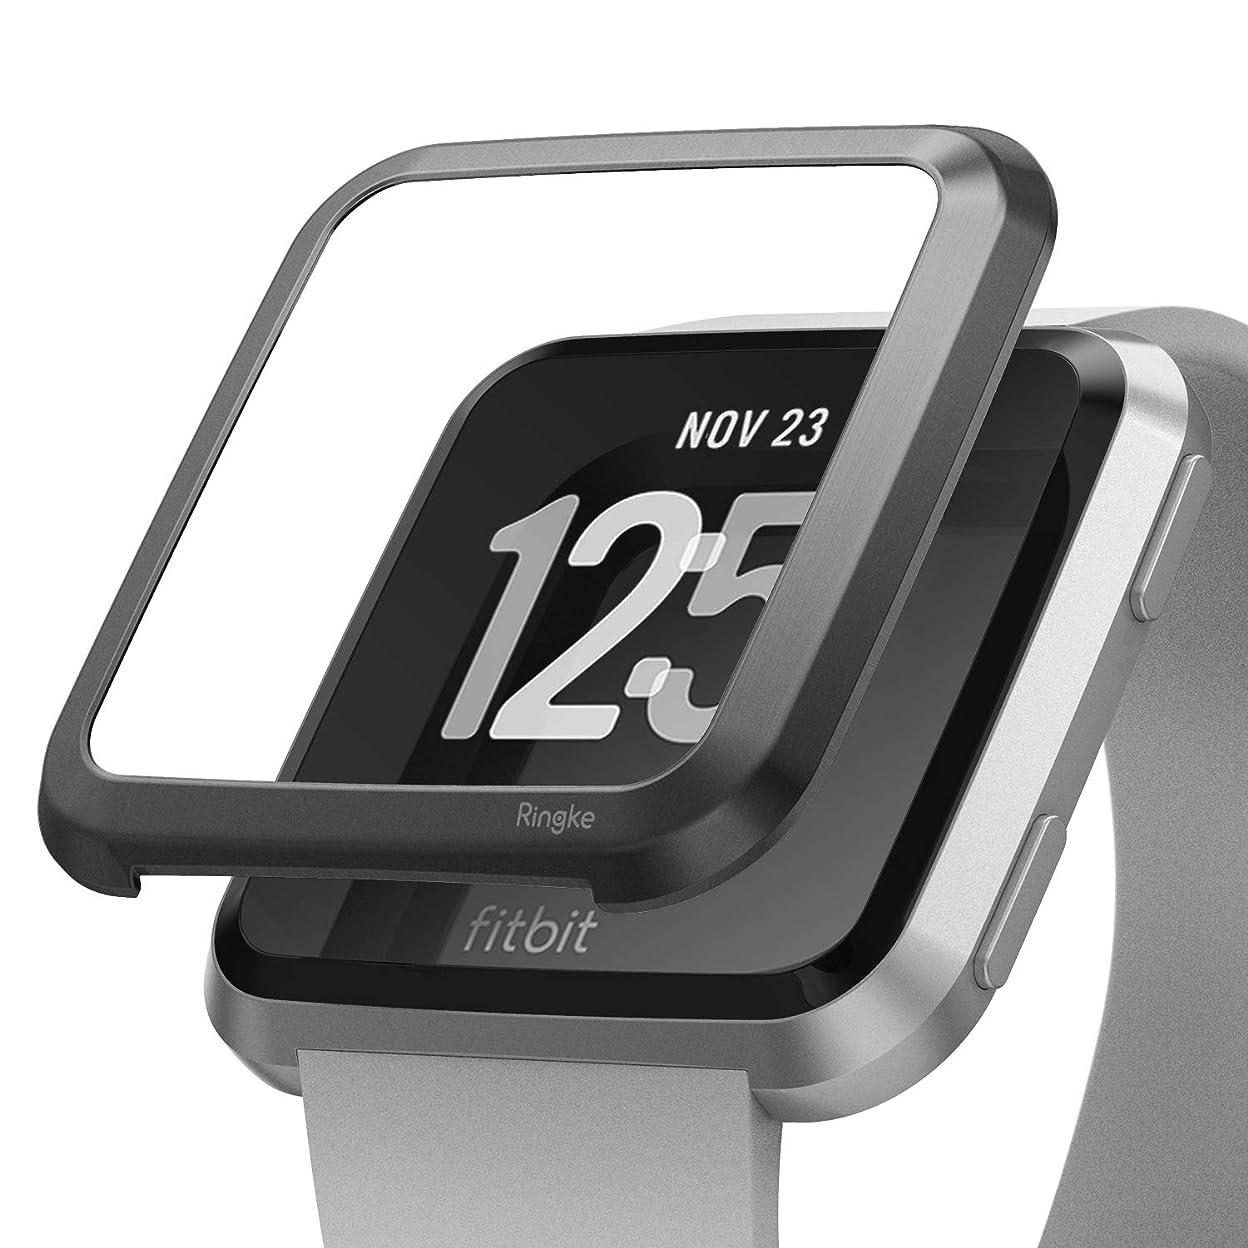 レディコークス気難しい【Ringke】 Fitbit Versa ケース コスパ最高 衝撃吸収 ウォッチ シリーズケース (2018) [Bezel Styling] Fitbit Versa Smartwatch (FW-V-06)